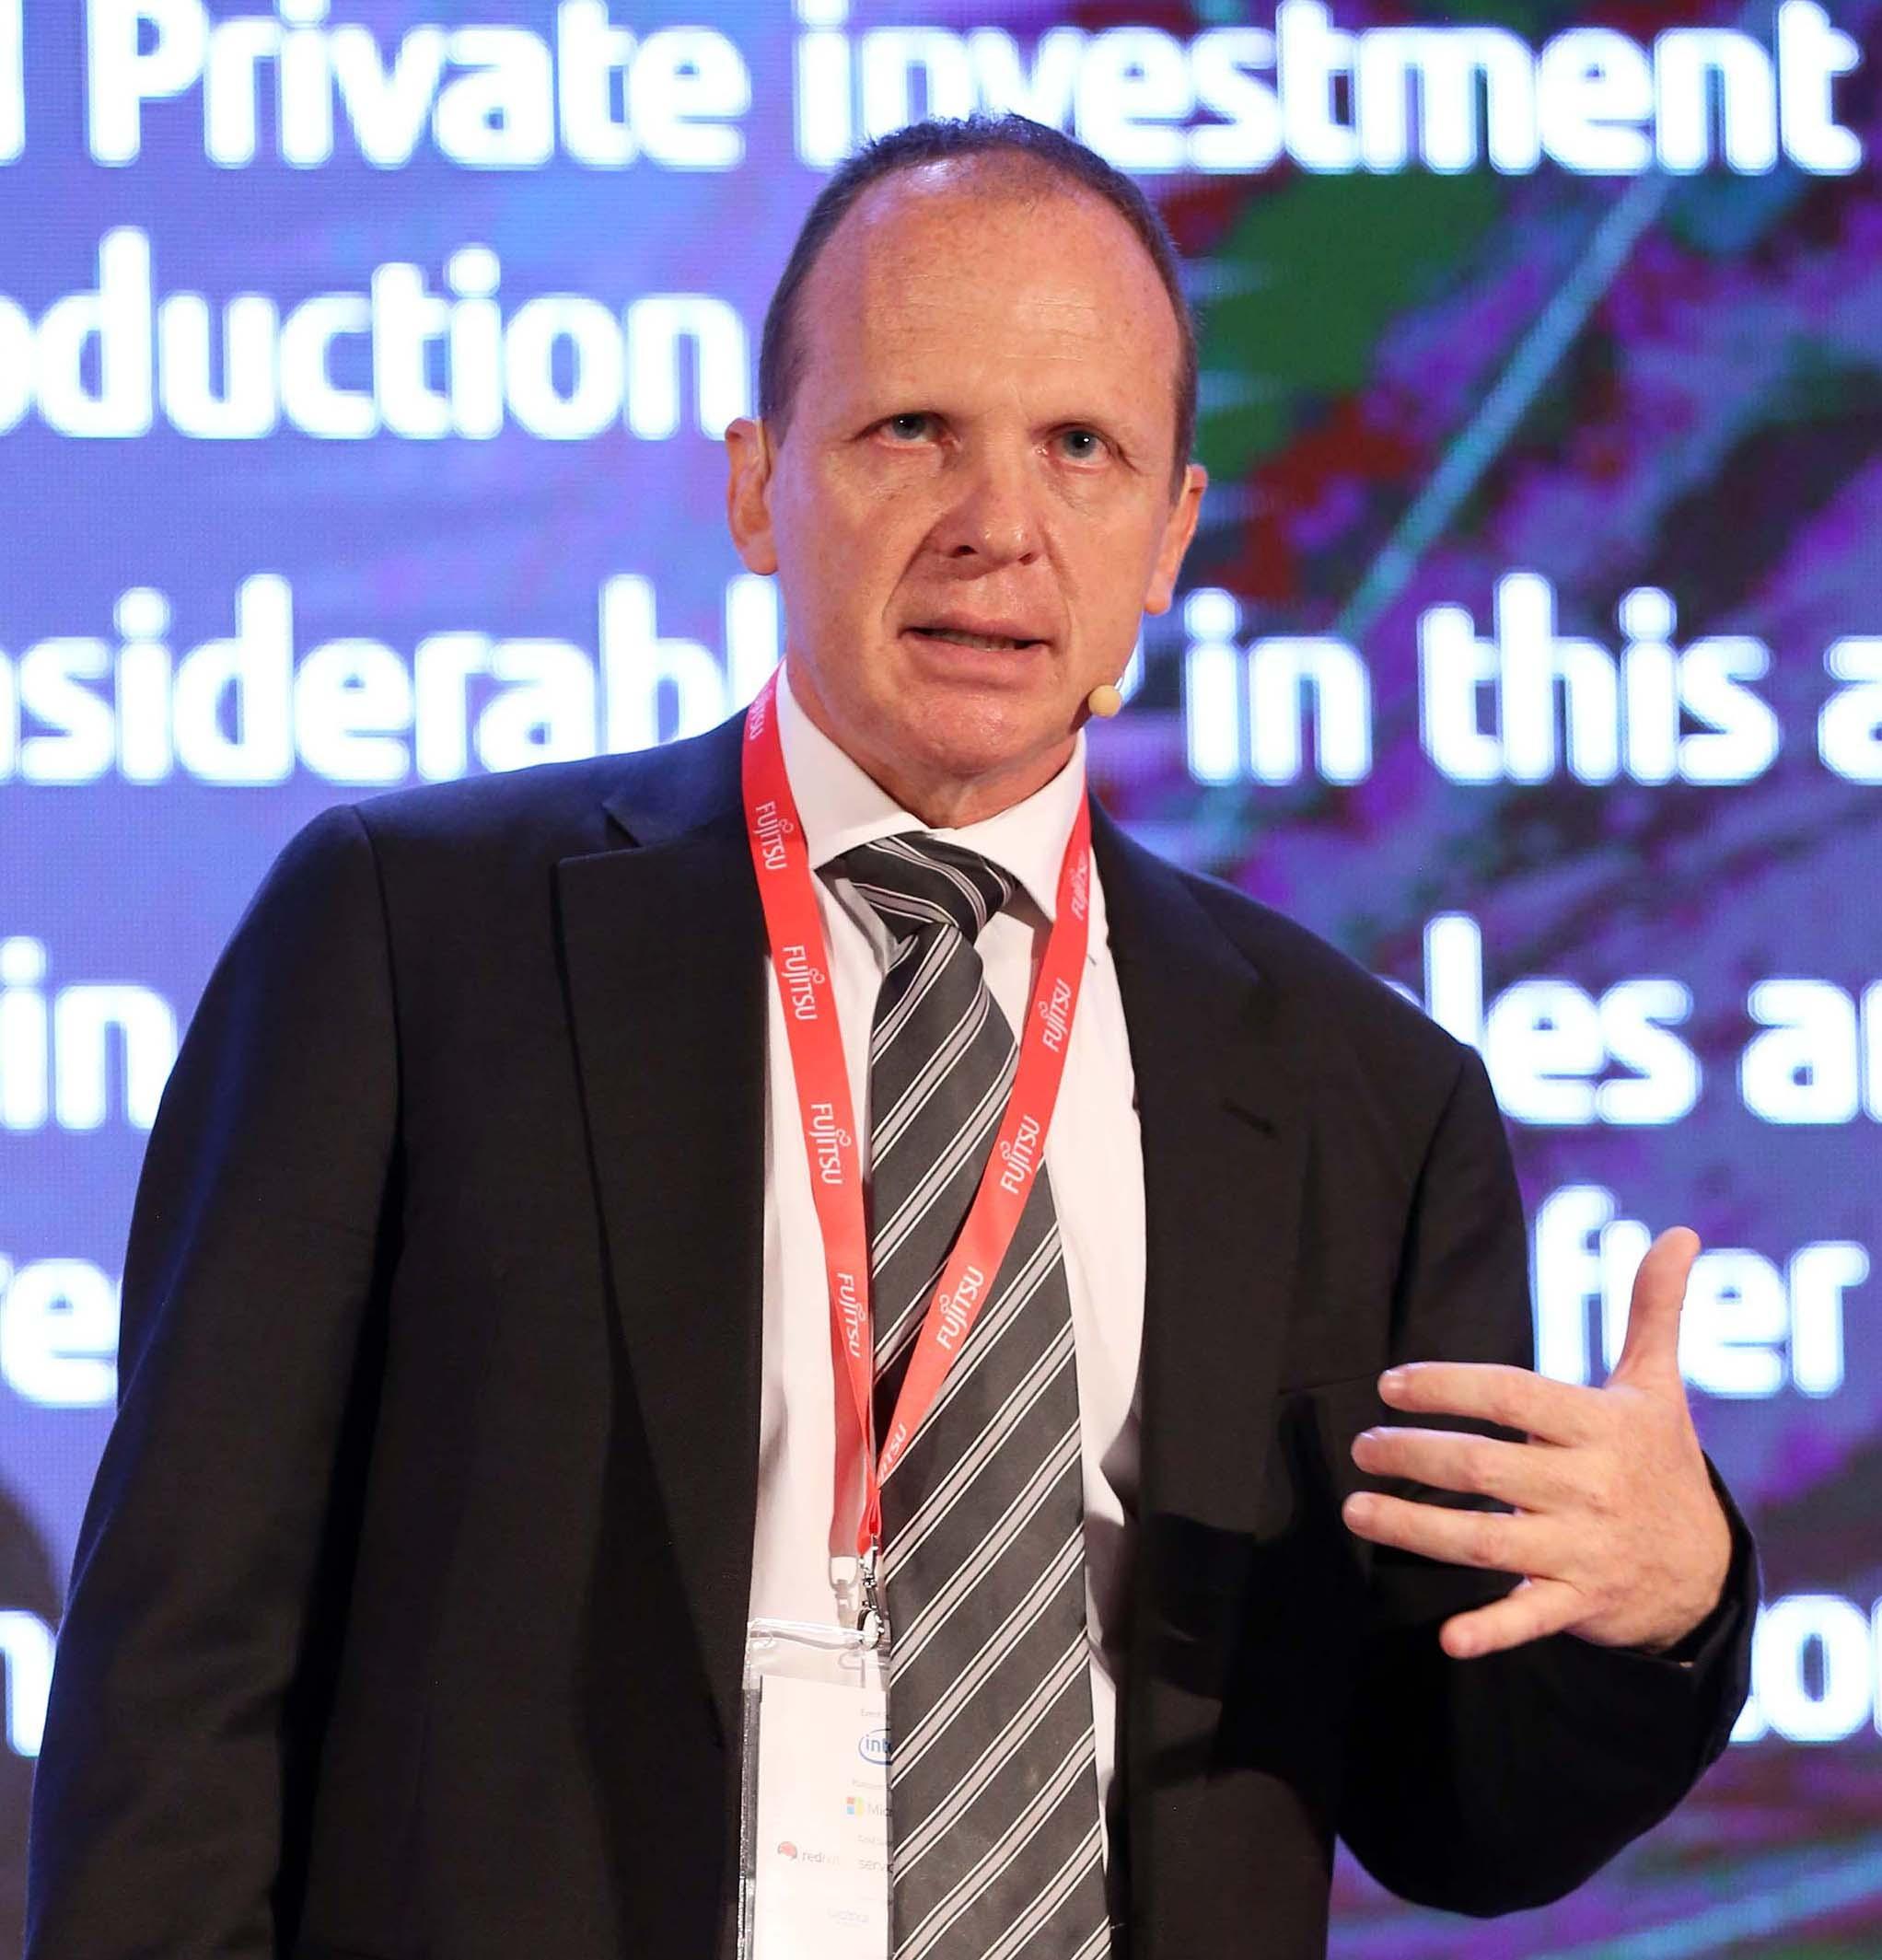 Bruno Sirletti, presidente e amministratore delegato di Fujitsu Italia